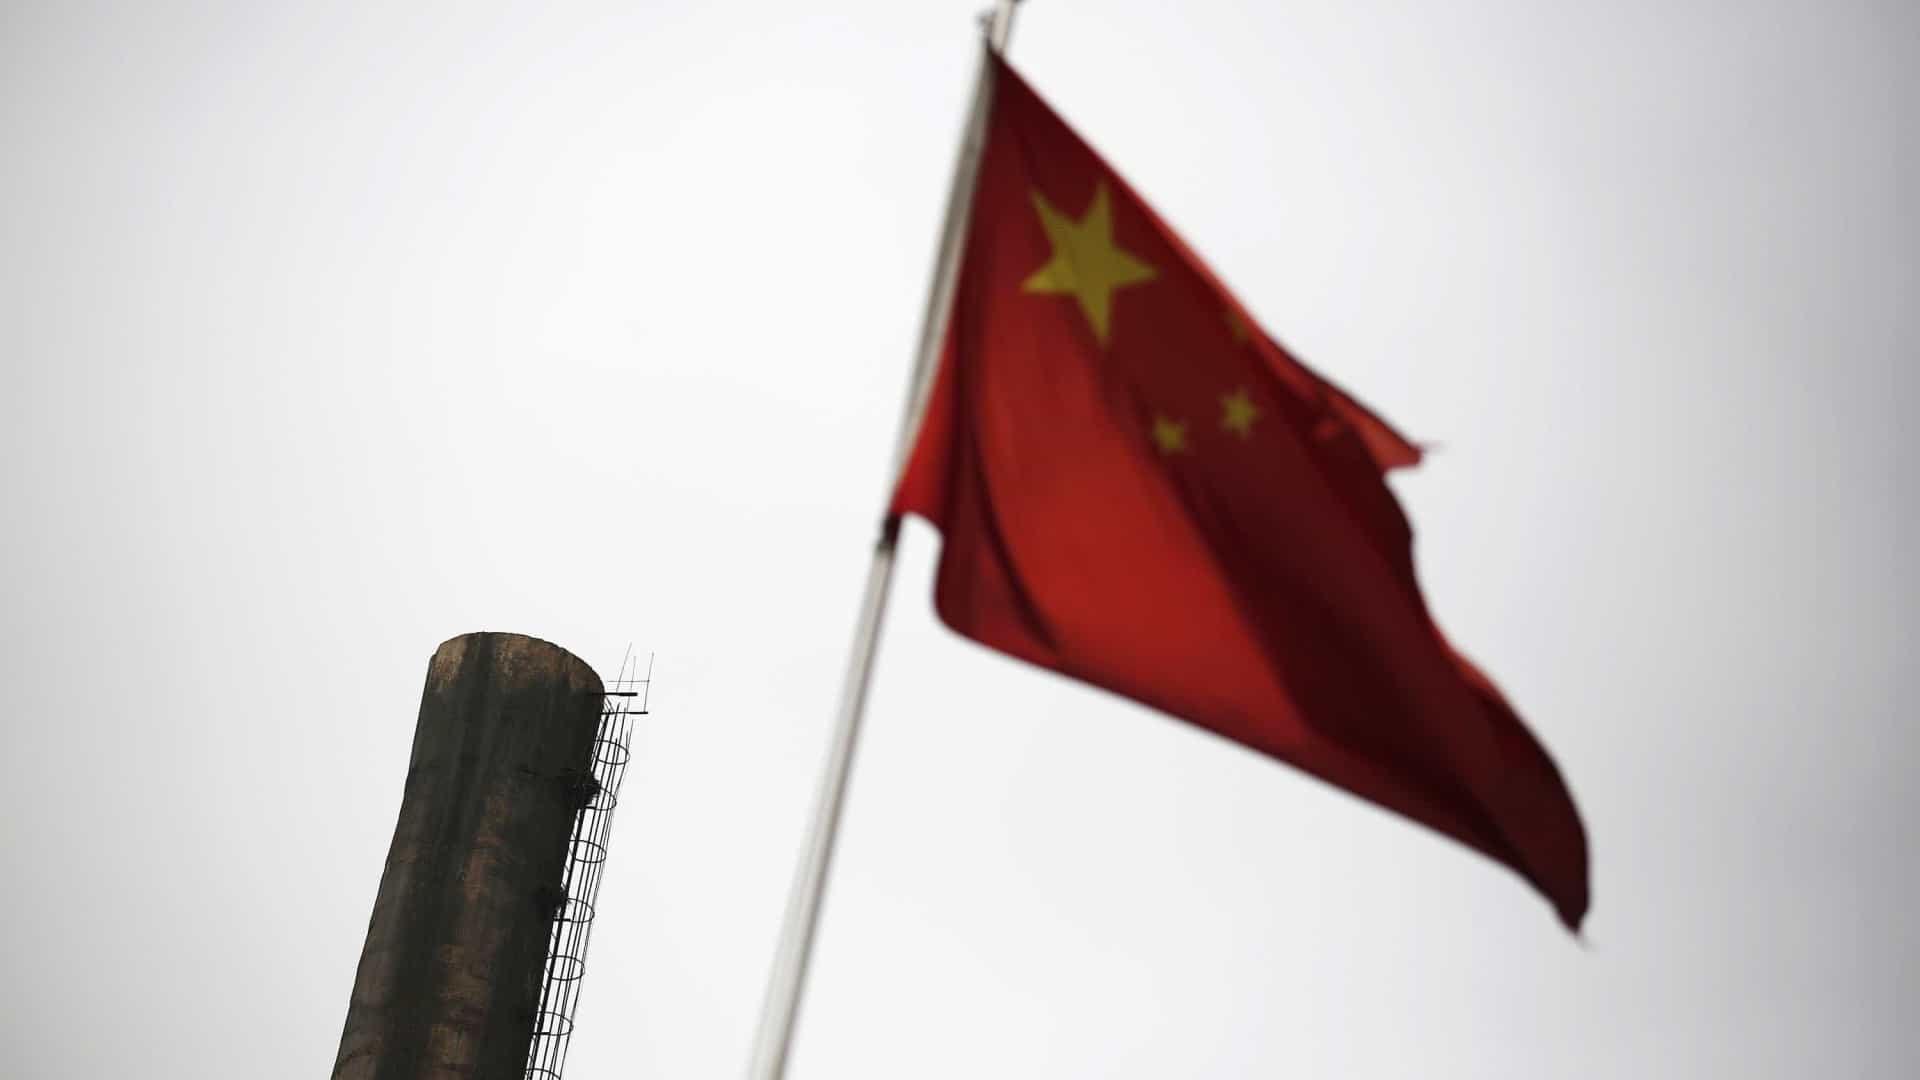 Investimento chinês além-fronteiras cresce quase 35% no 1.º trimestre